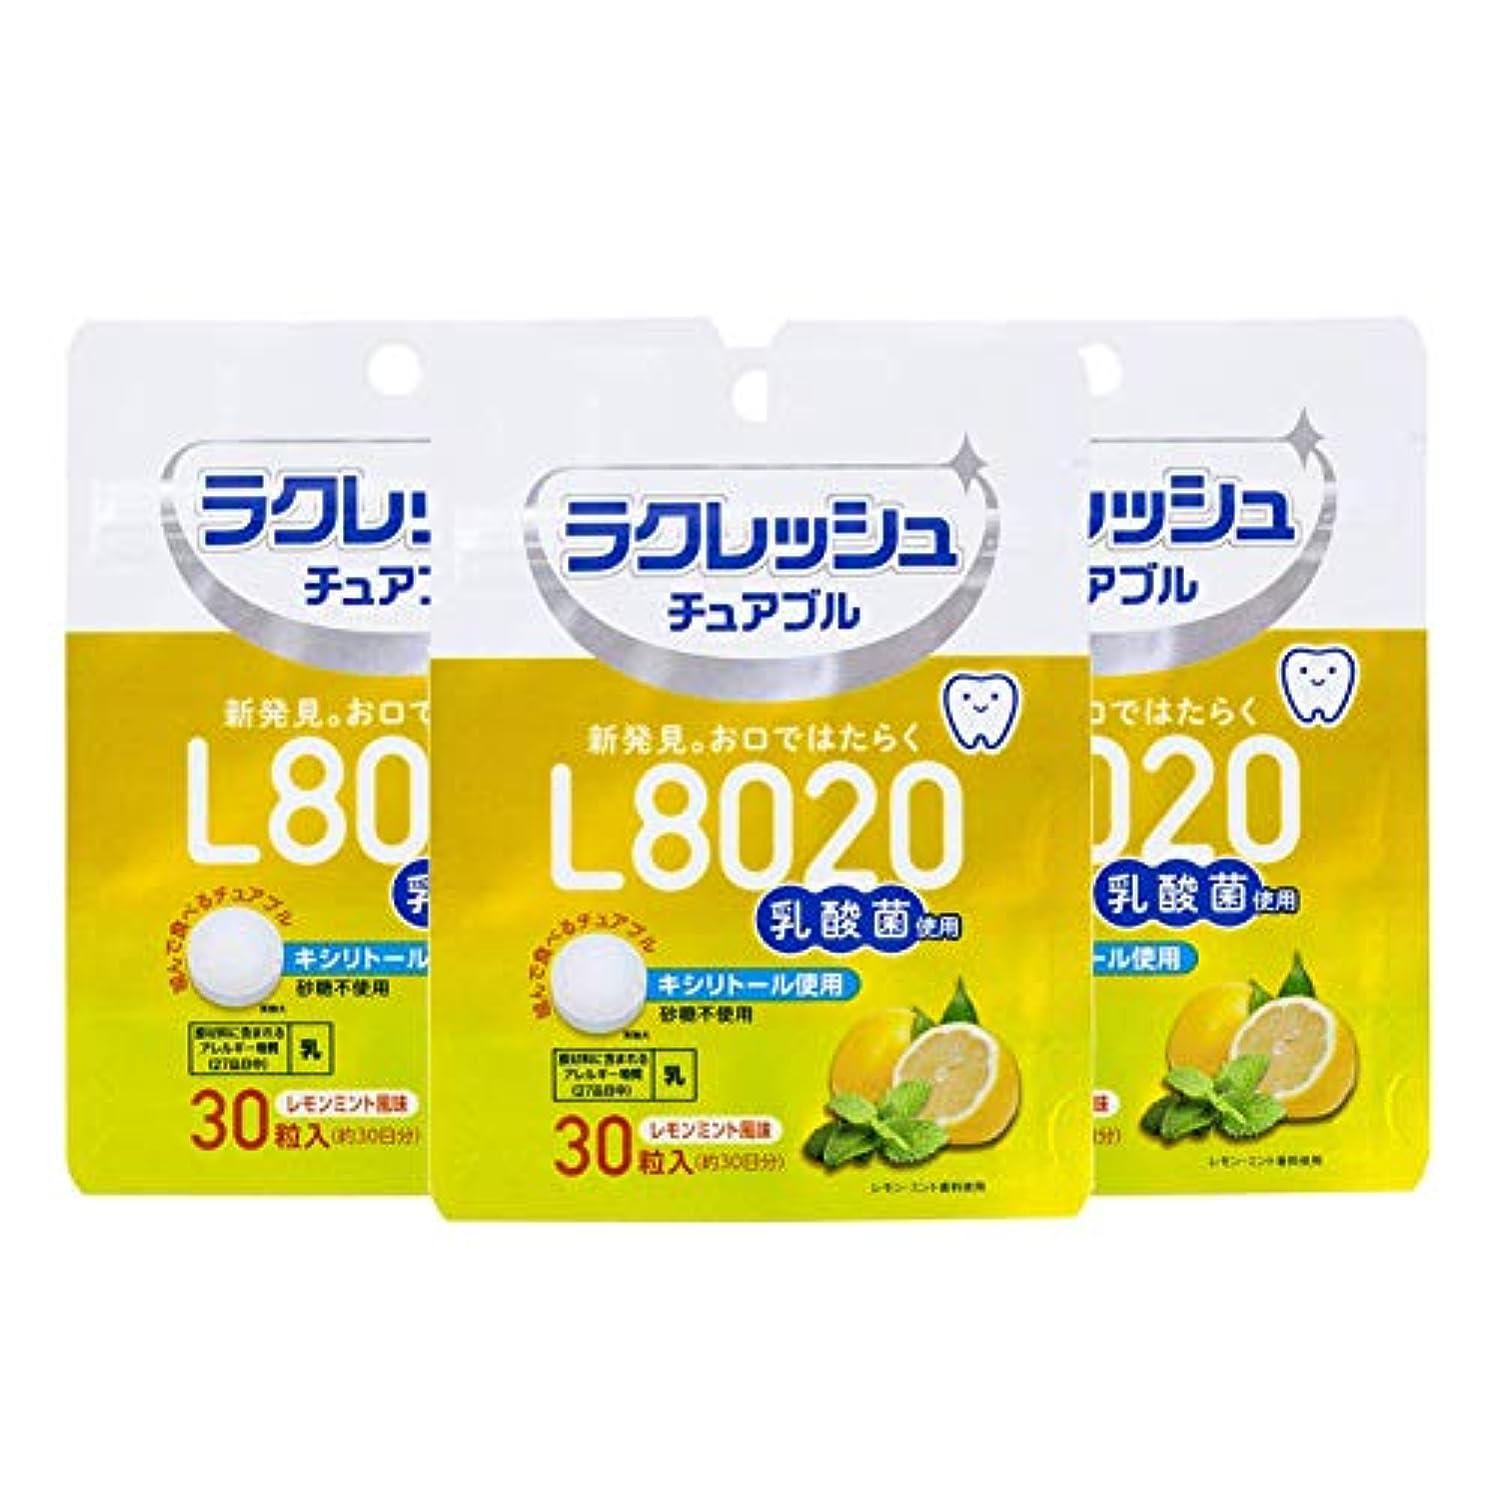 海藻ゴミ箱を空にする火曜日L8020乳酸菌ラクレッシュ チュアブル レモンミント風味(30粒) 3袋 タブレット